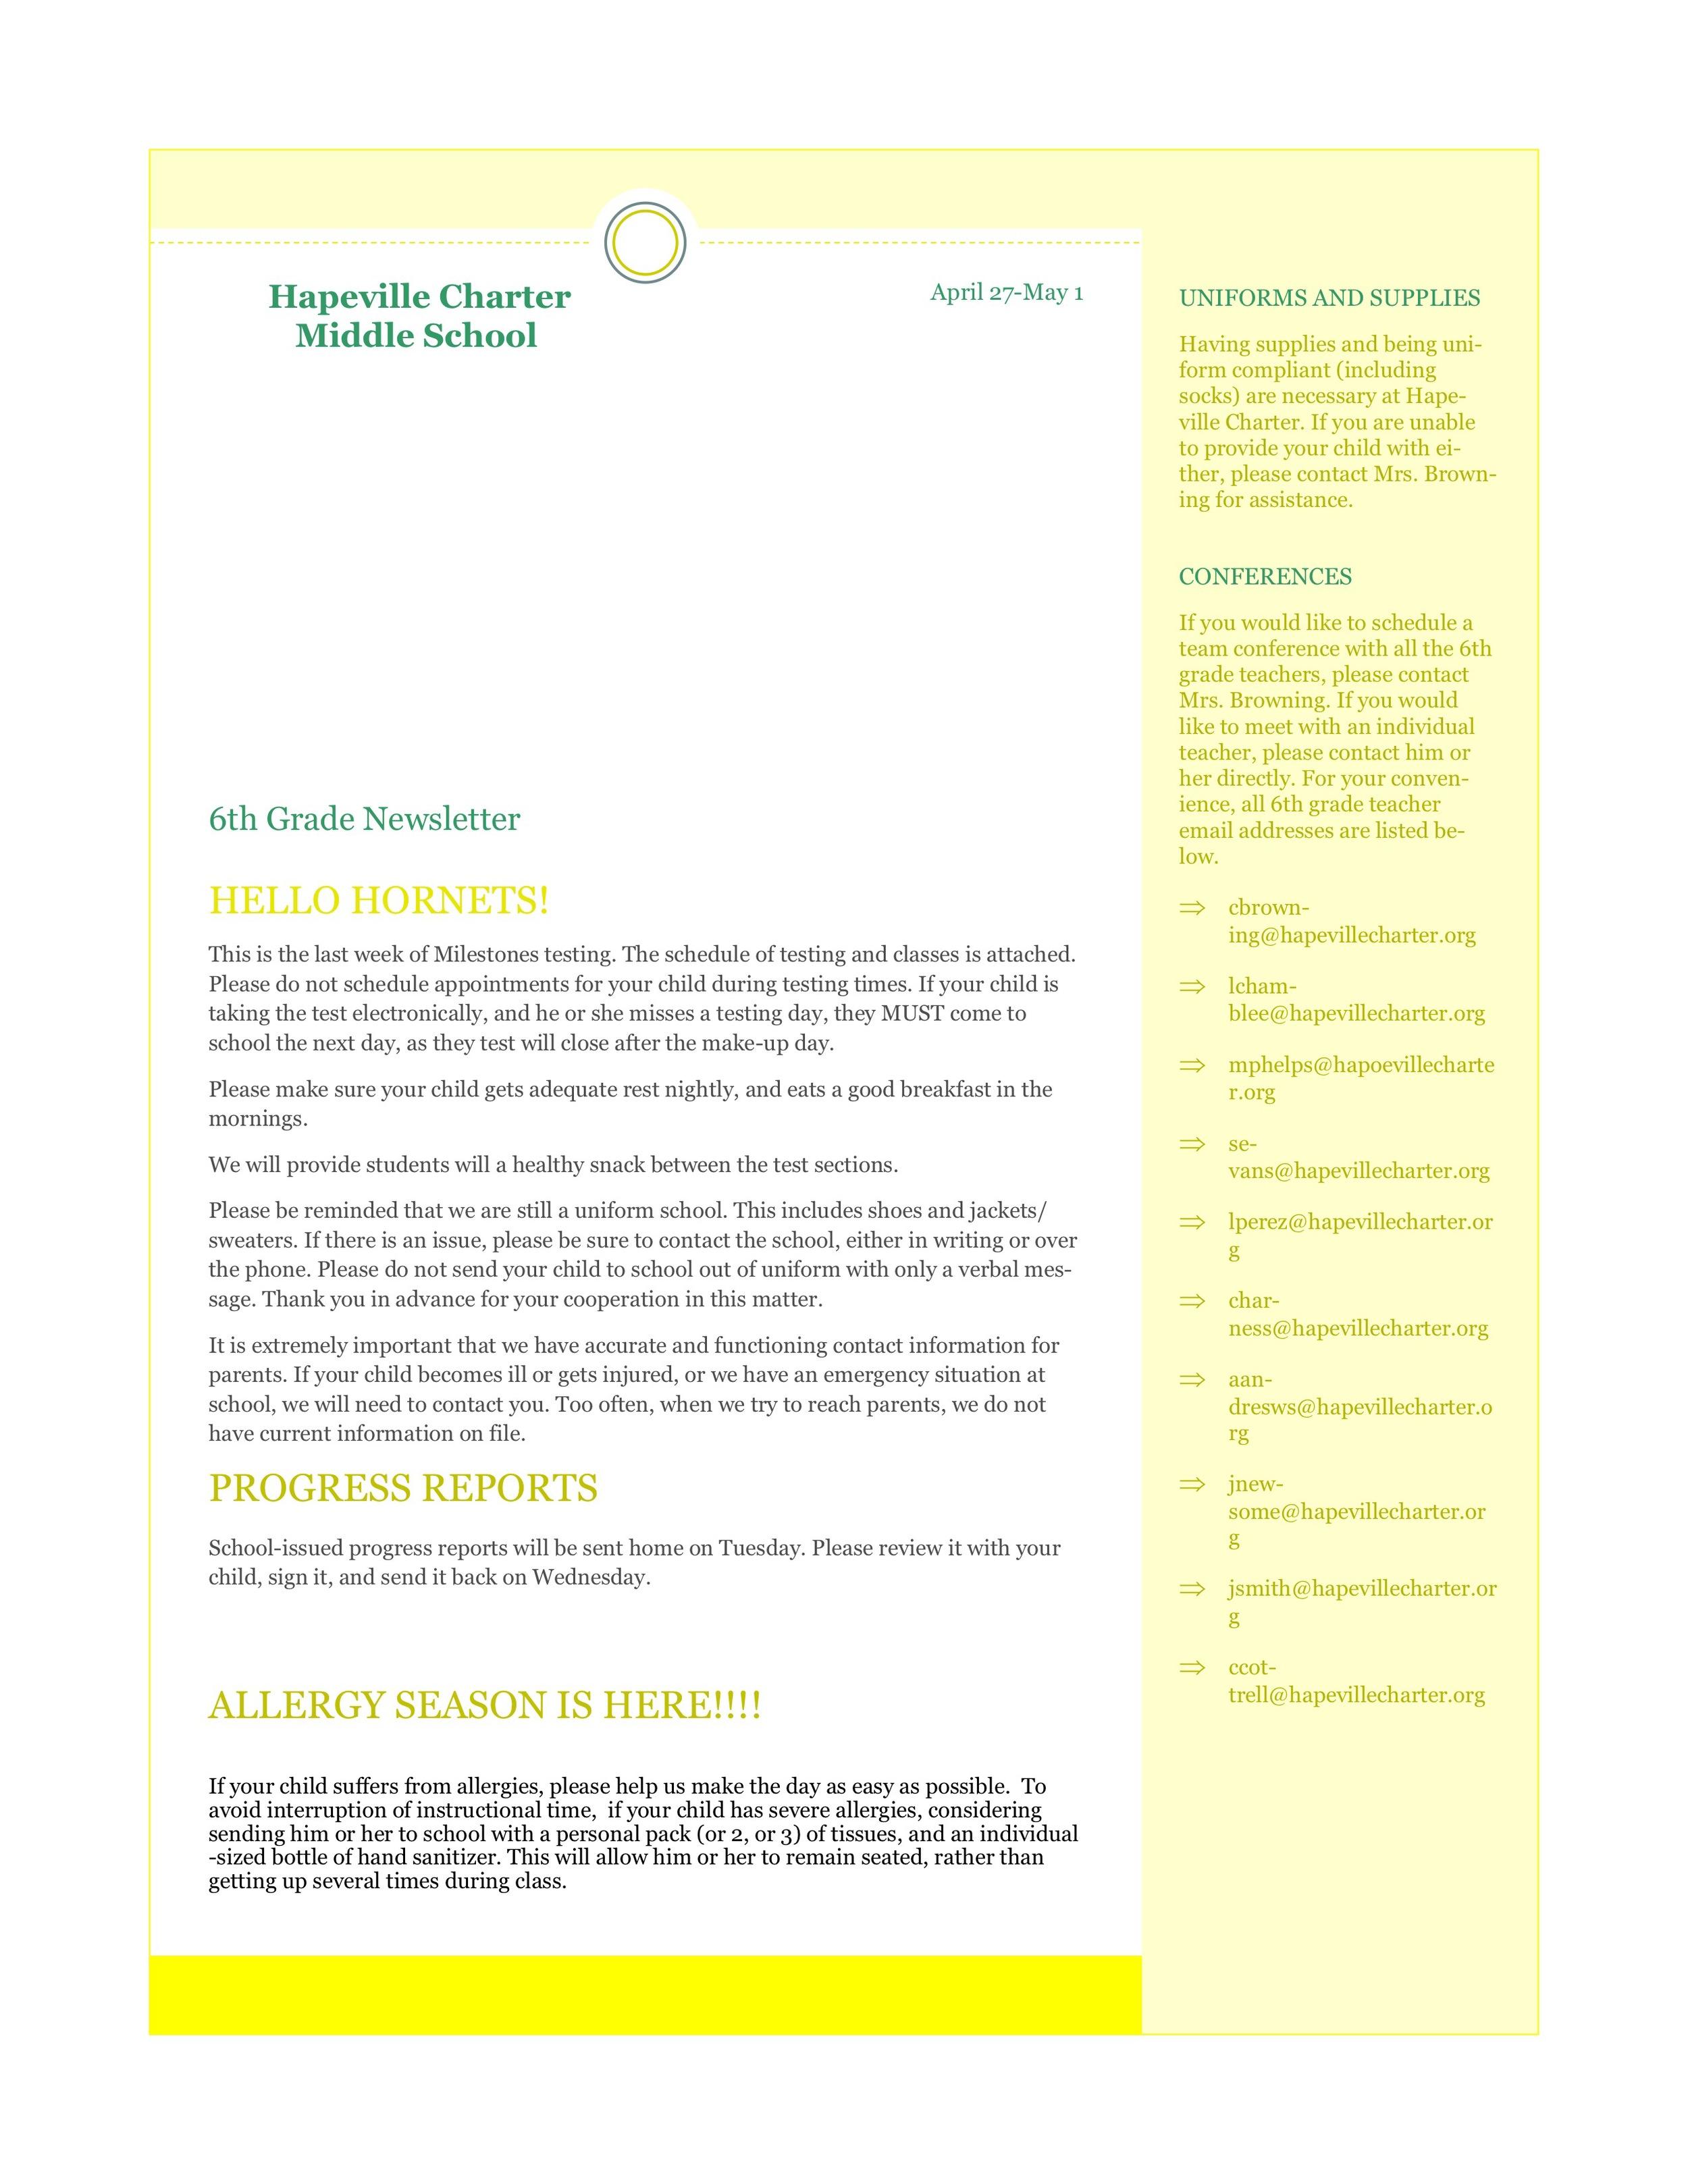 Newsletter Image6th grade April 27.jpeg